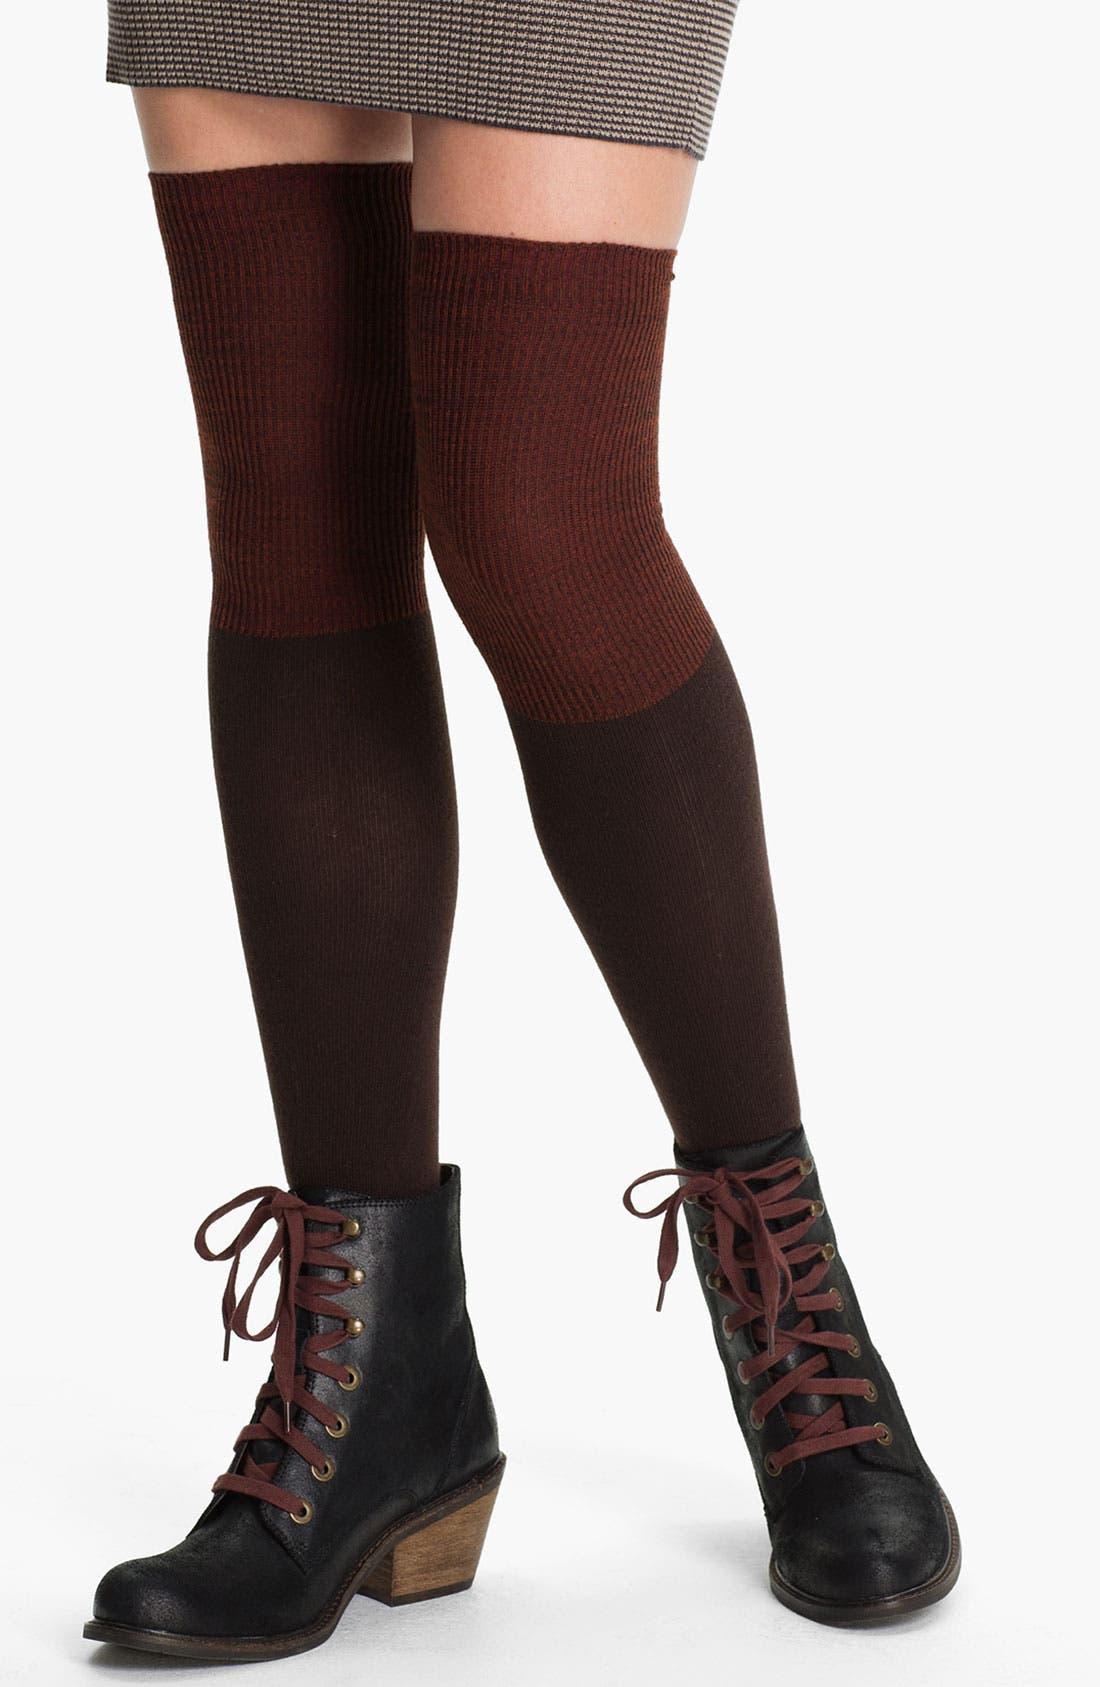 Main Image - K. Bell Socks Colorblock Over-The-Knee Socks